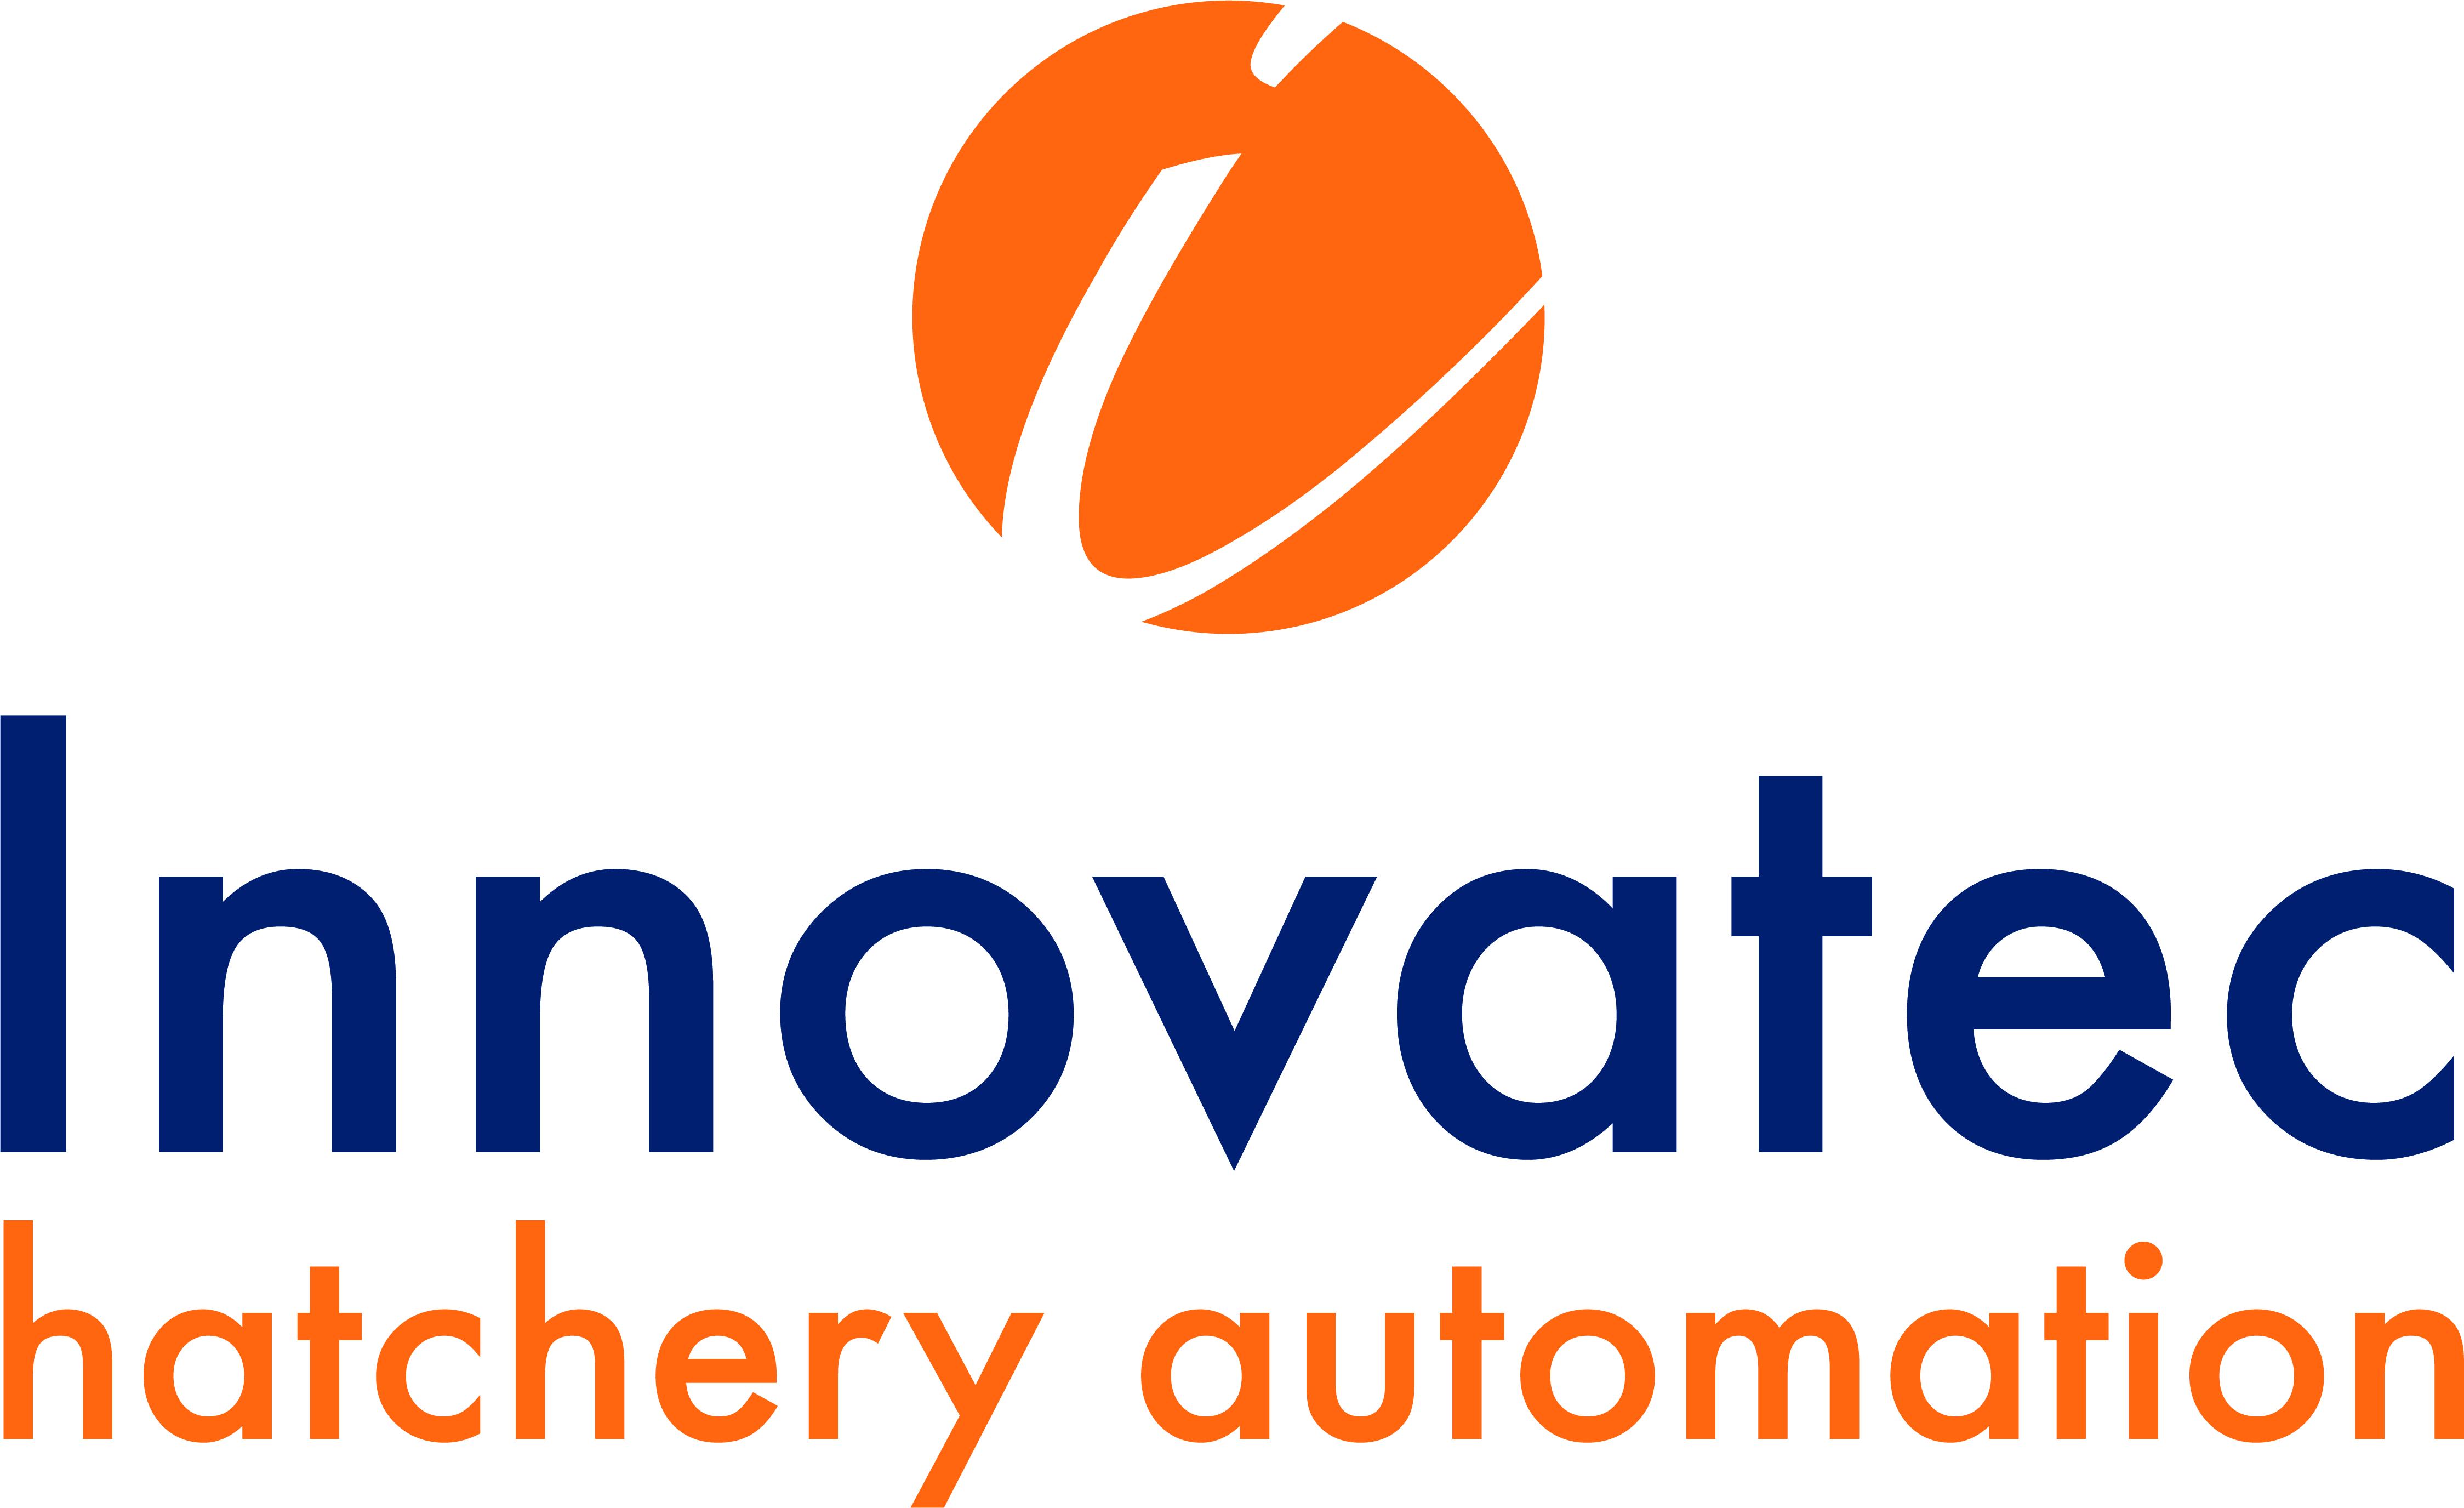 Innovatec Hatchery Automation